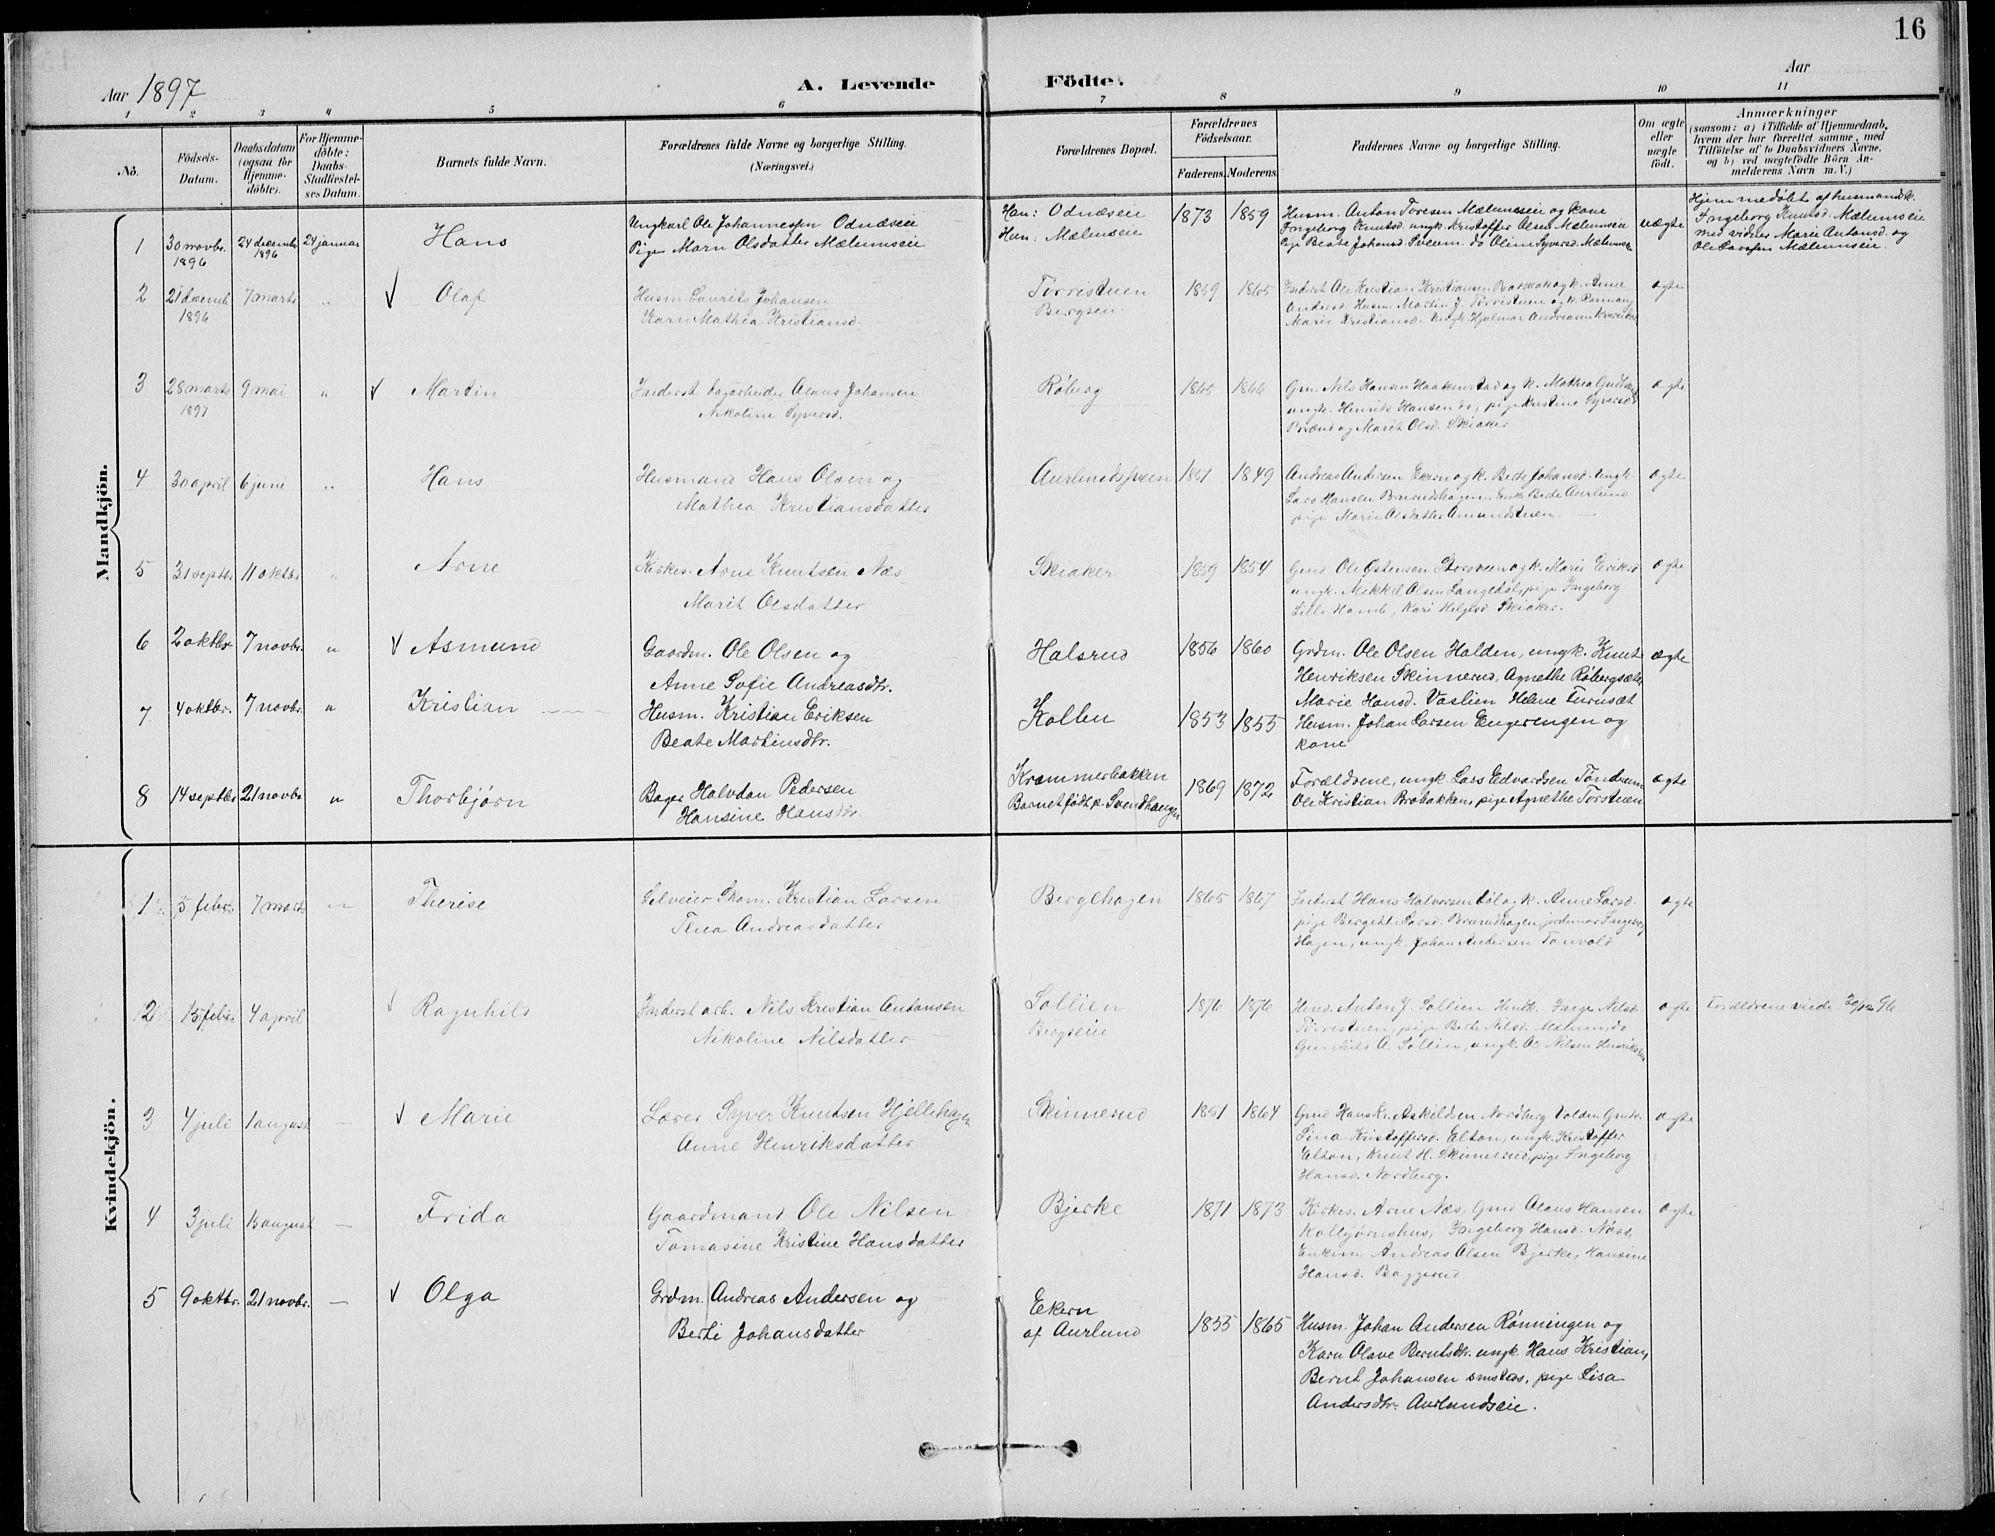 SAH, Nordre Land prestekontor, Klokkerbok nr. 14, 1891-1907, s. 16